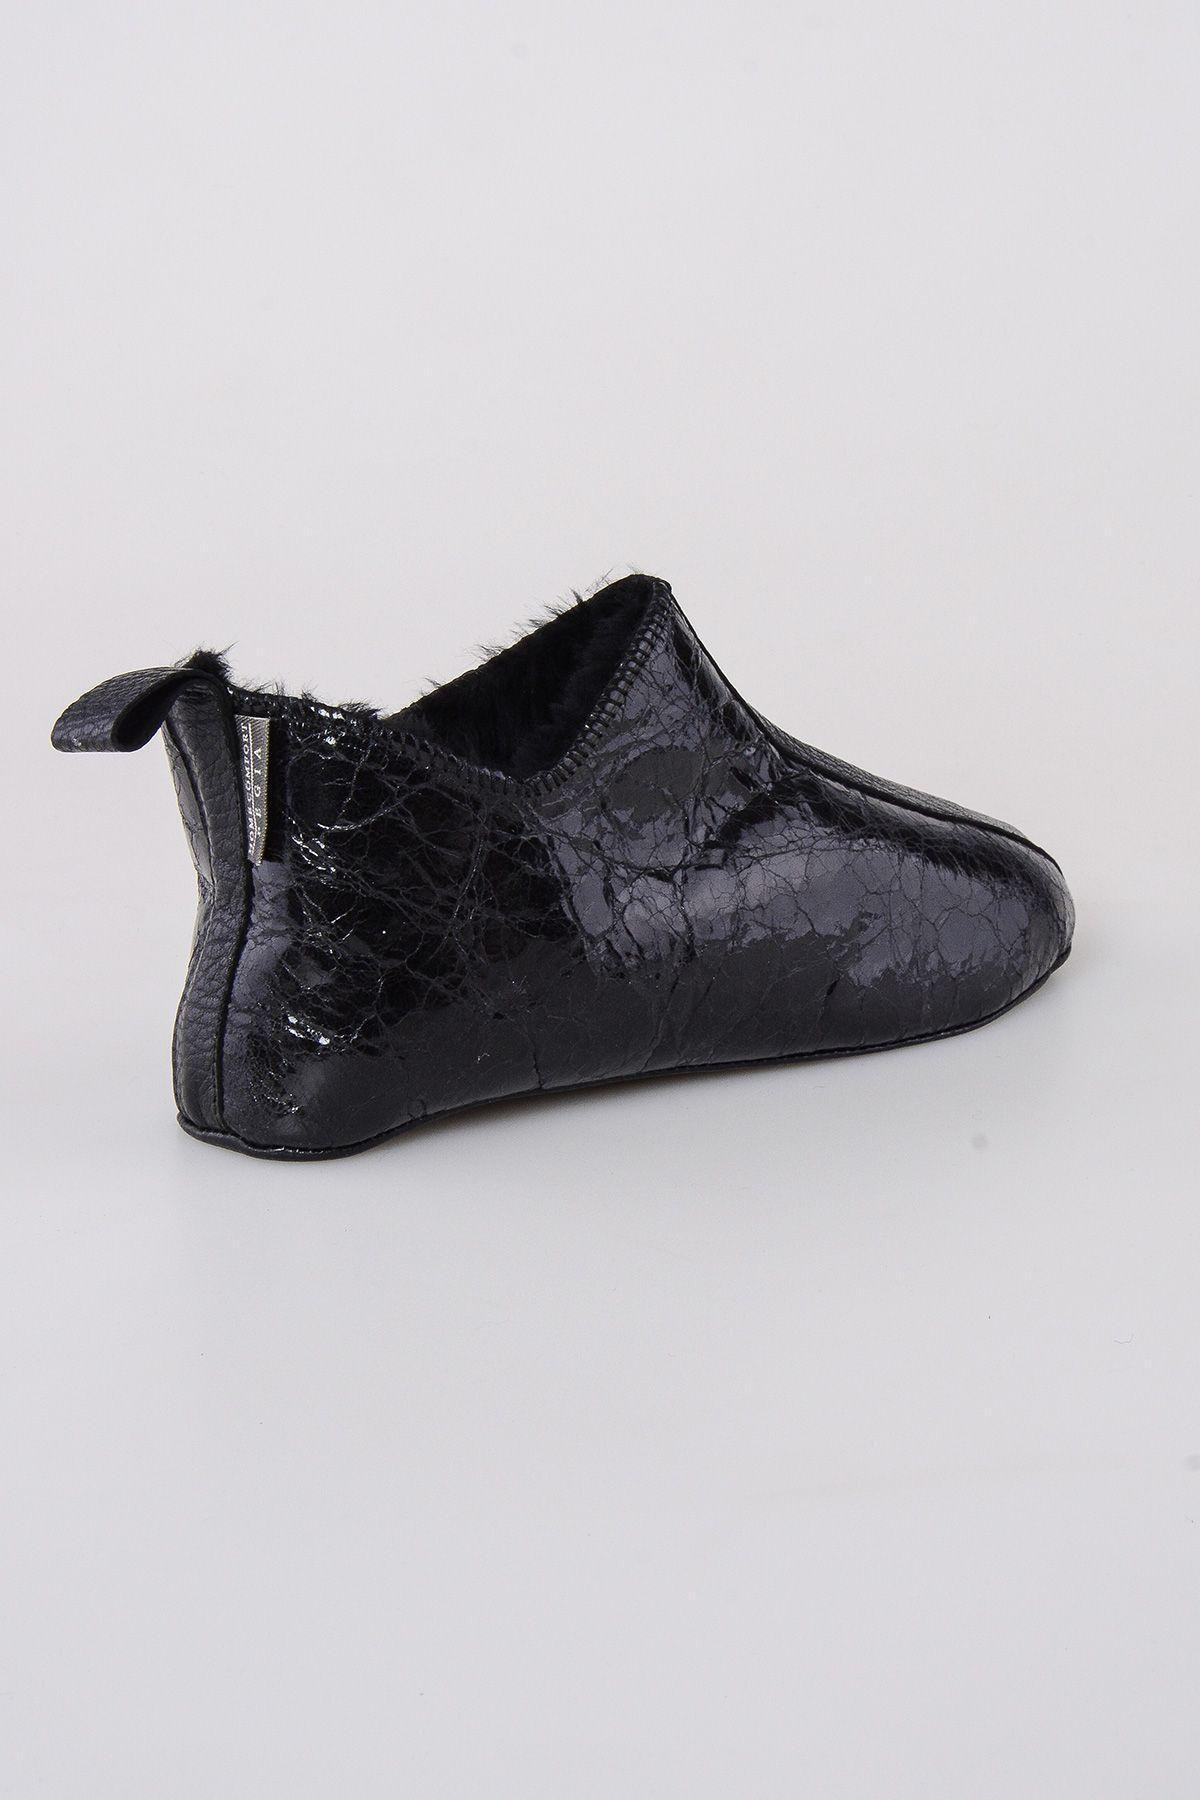 Pegia Hakiki Kürklü  Erkek Ev Ayakkabısı 111008 Siyah